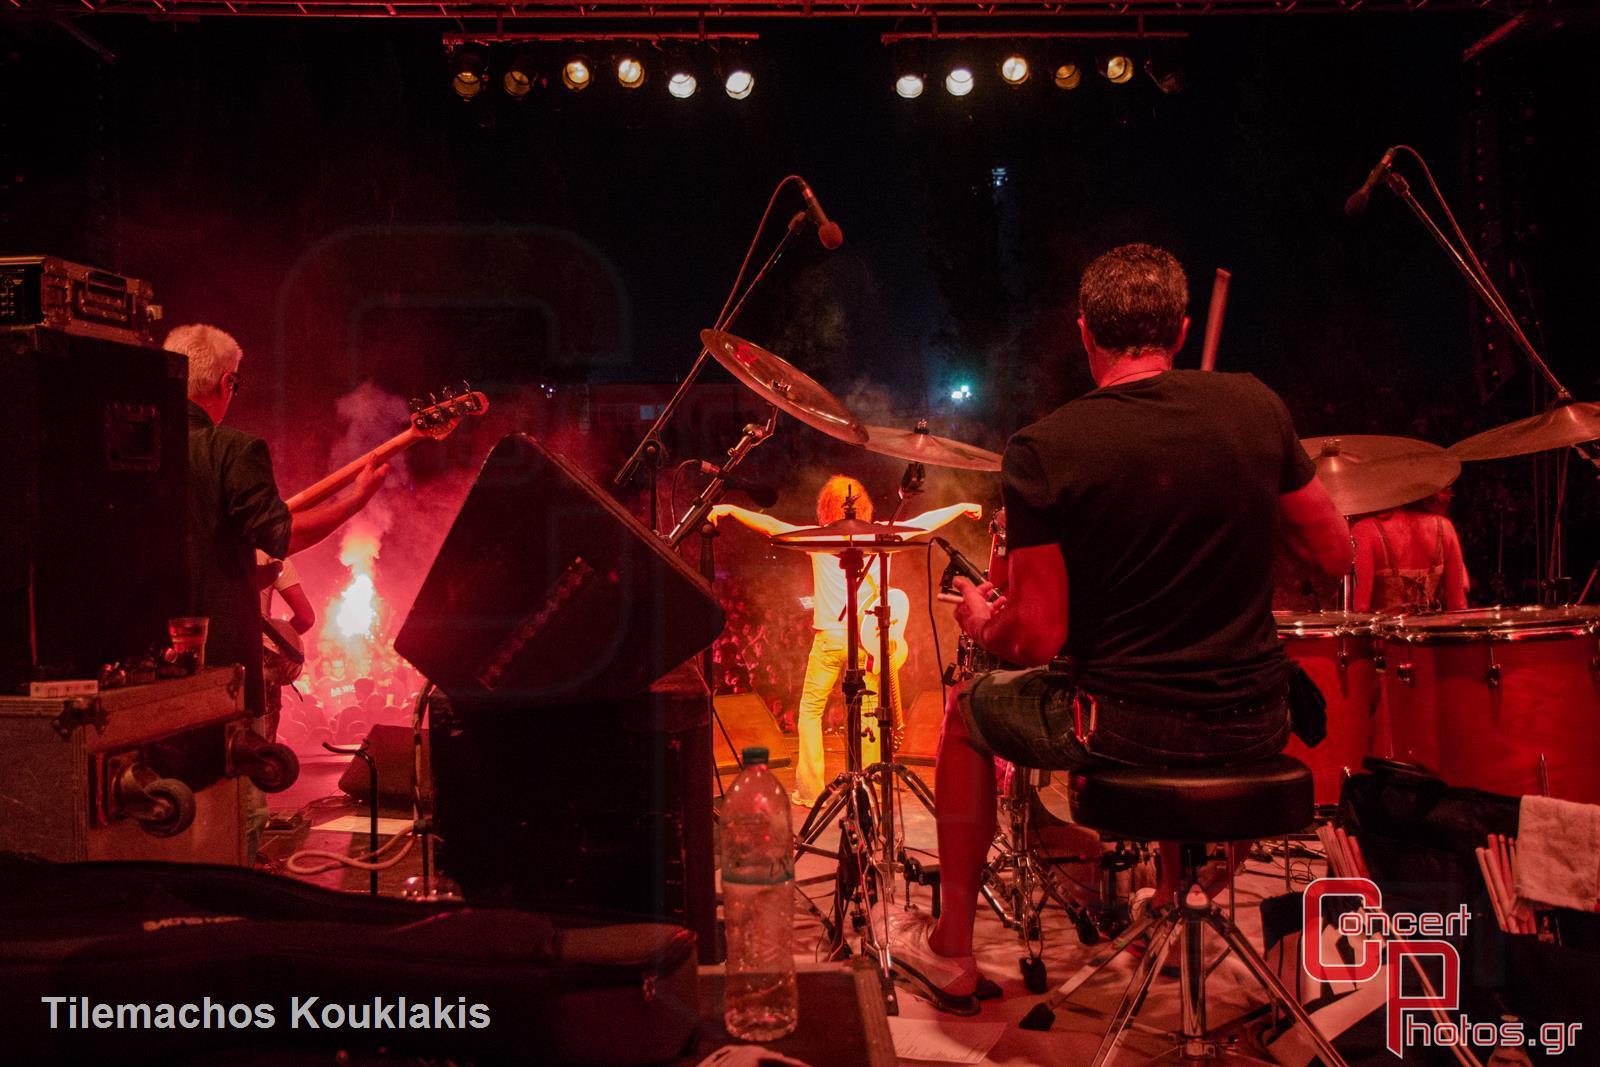 Βασίλης Παπακωνσταντίνου - 40 Χρόνια Έφηβος-Vasilis Papakonstantinou 40 Chronia Efivos photographer: Tilemachos Kouklakis - concertphotos_-4769